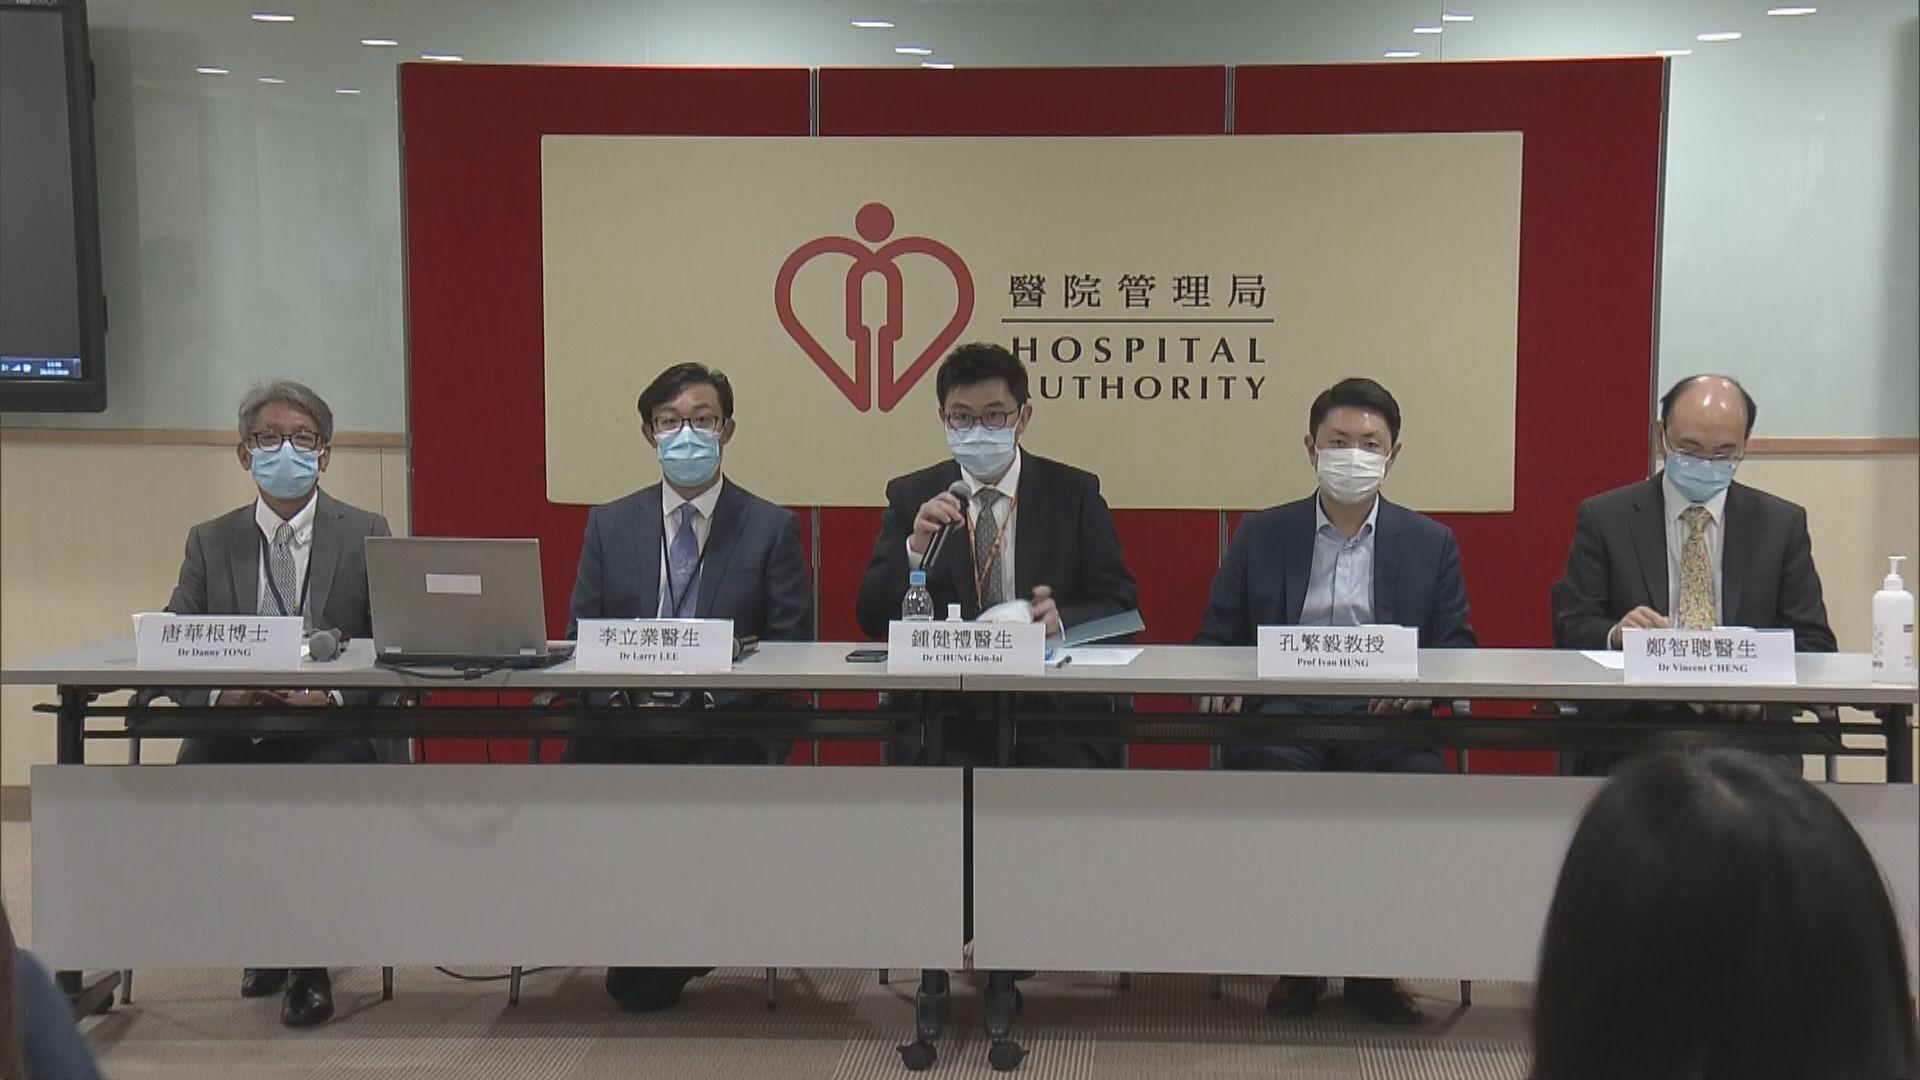 醫管局短期內啟用亞博館作社區治療設施